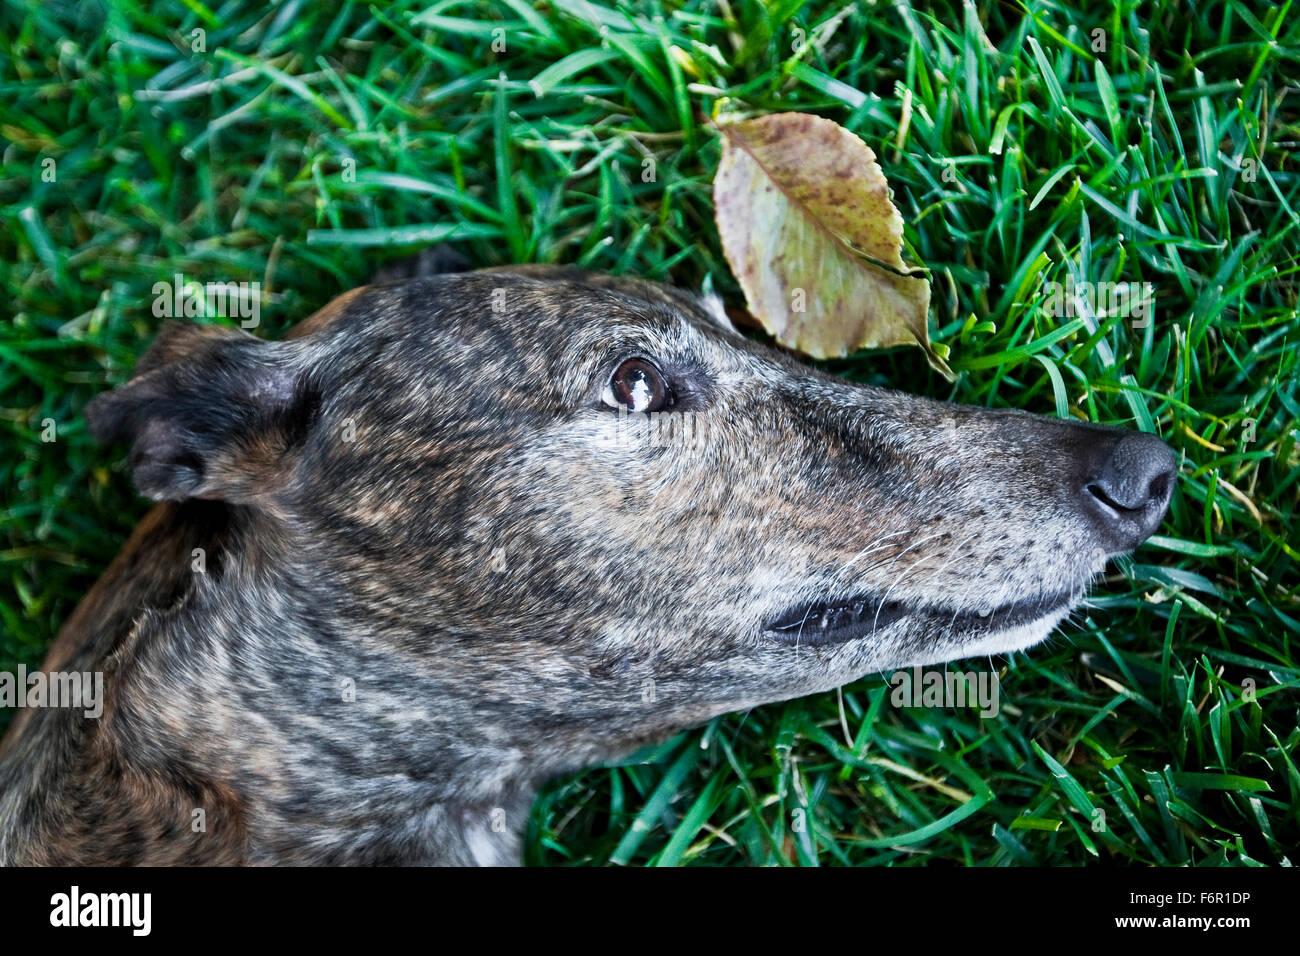 Close up profilo testa di brindle cane Greyhound recante pacificamente nella ricca lungo verde erba con un battente Immagini Stock